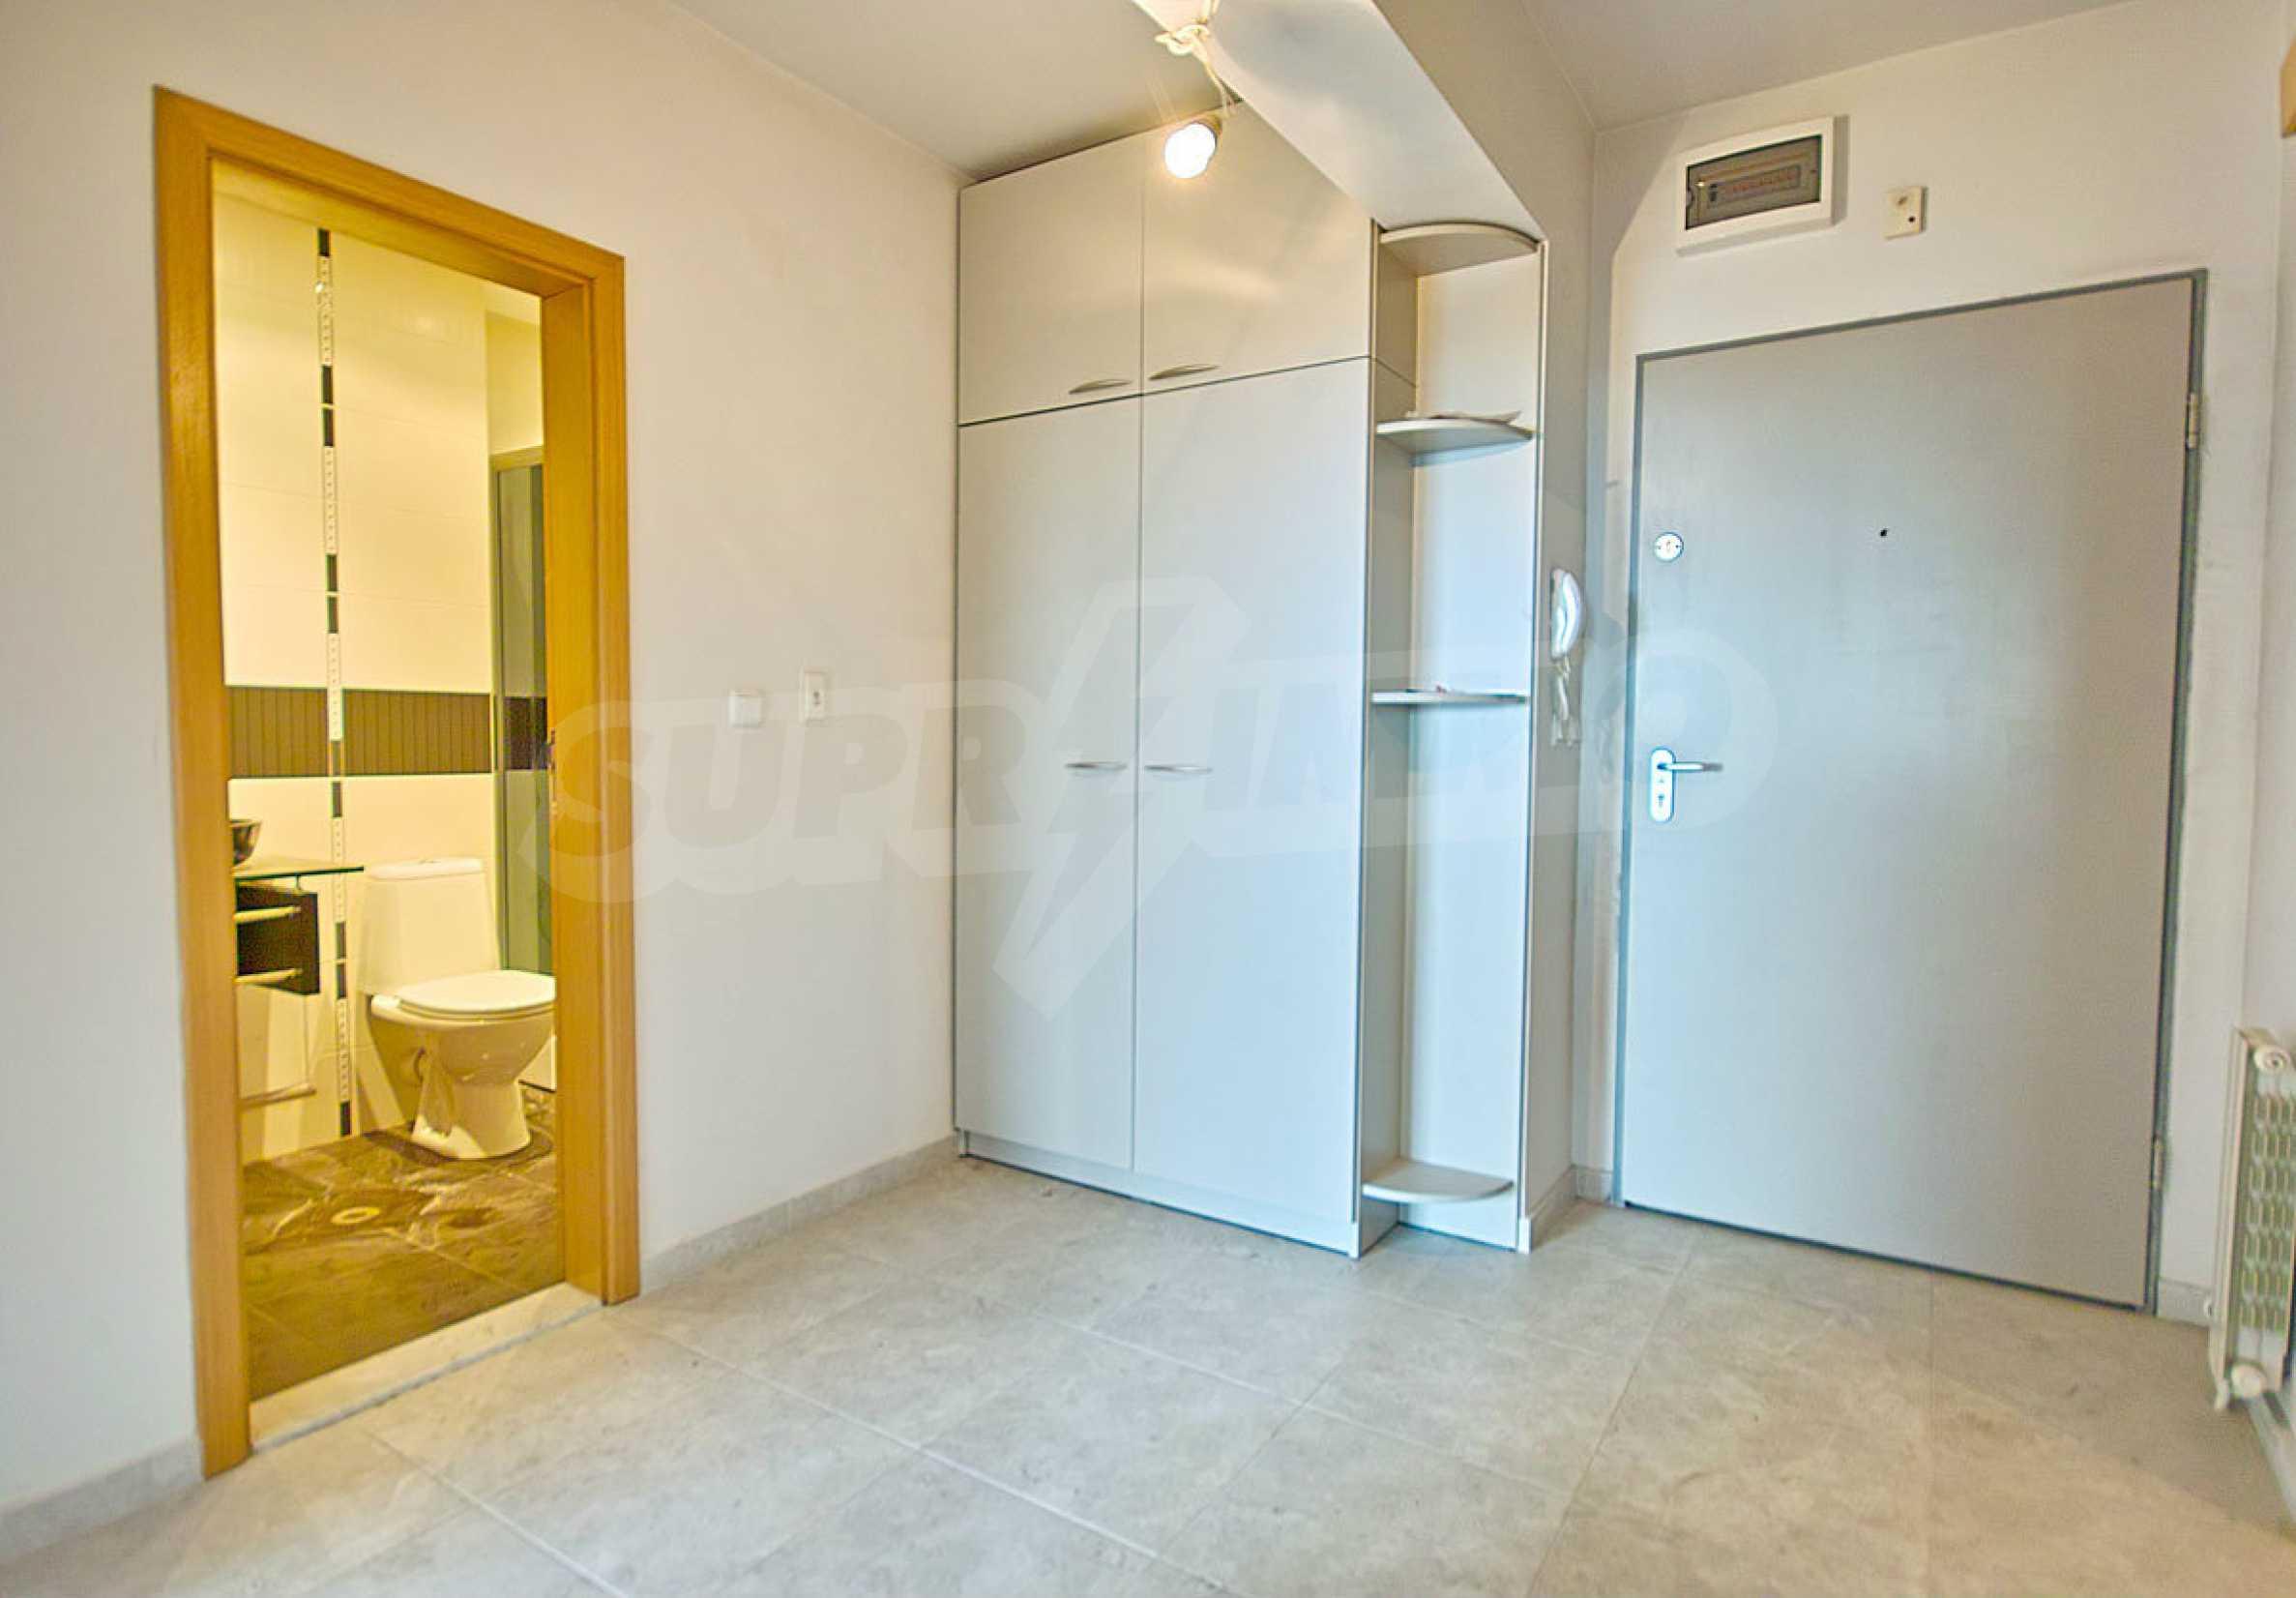 Wohnung zu vermieten in Lyulin-3 Bezirk neben der U-Bahn 5